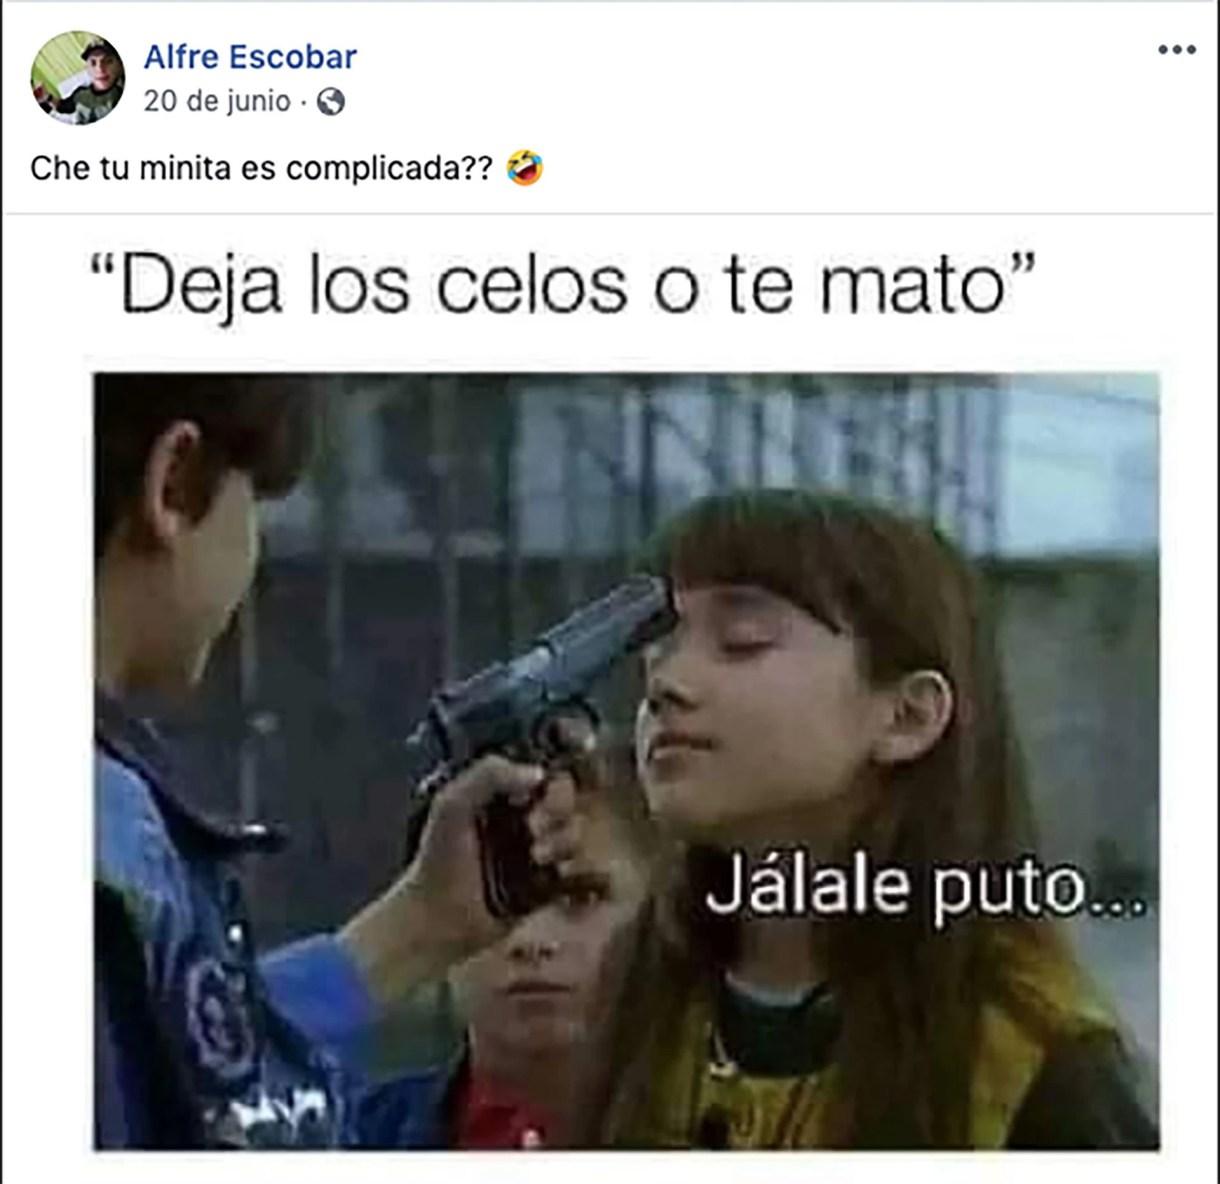 El violento posteo de Escobar, en junio pasado